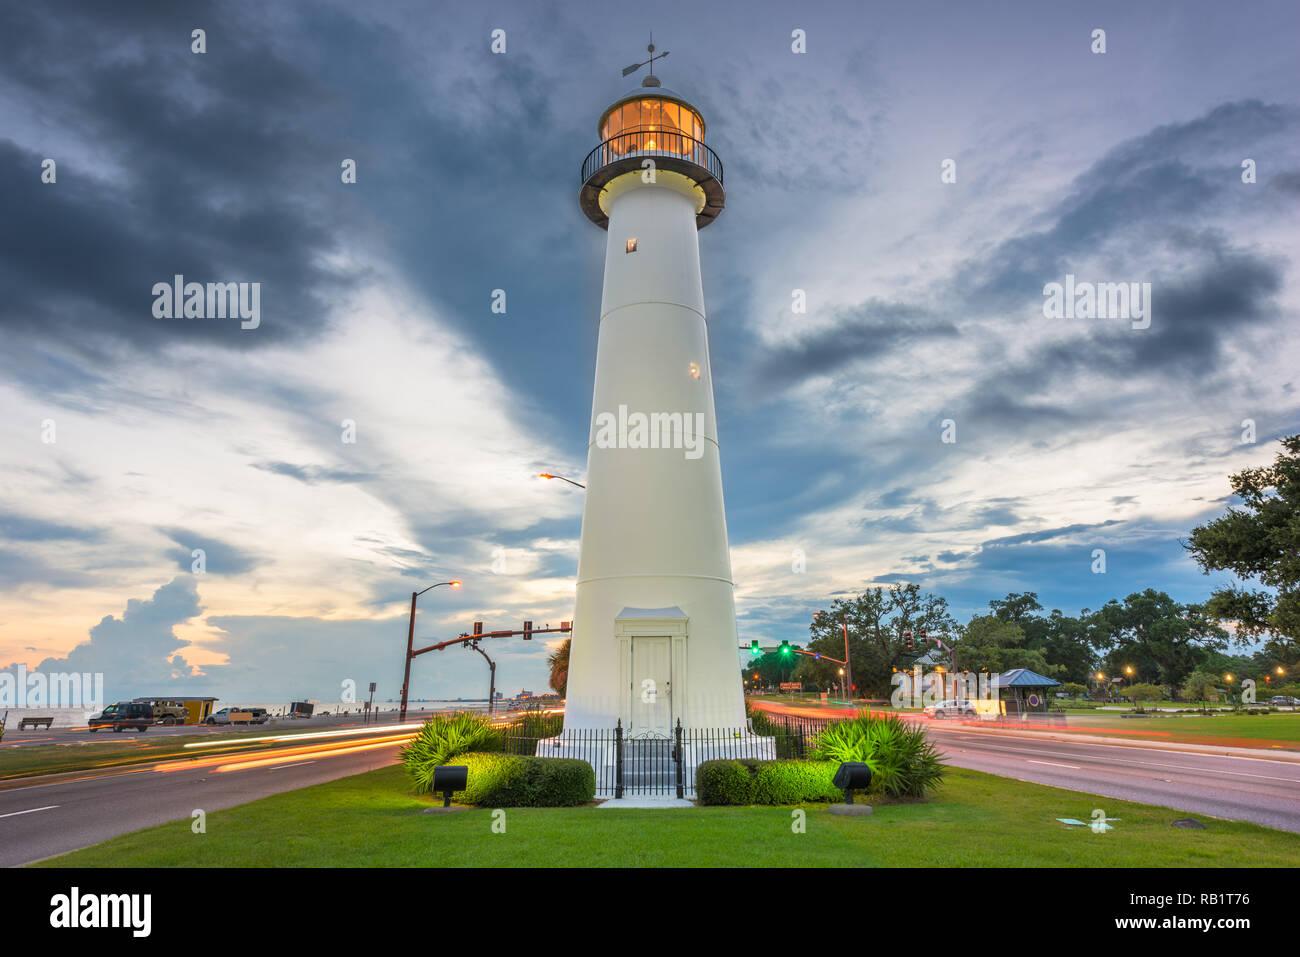 Biloxi Mississippi Usa At Biloxi Lighthouse At Dusk Stock Photo Alamy